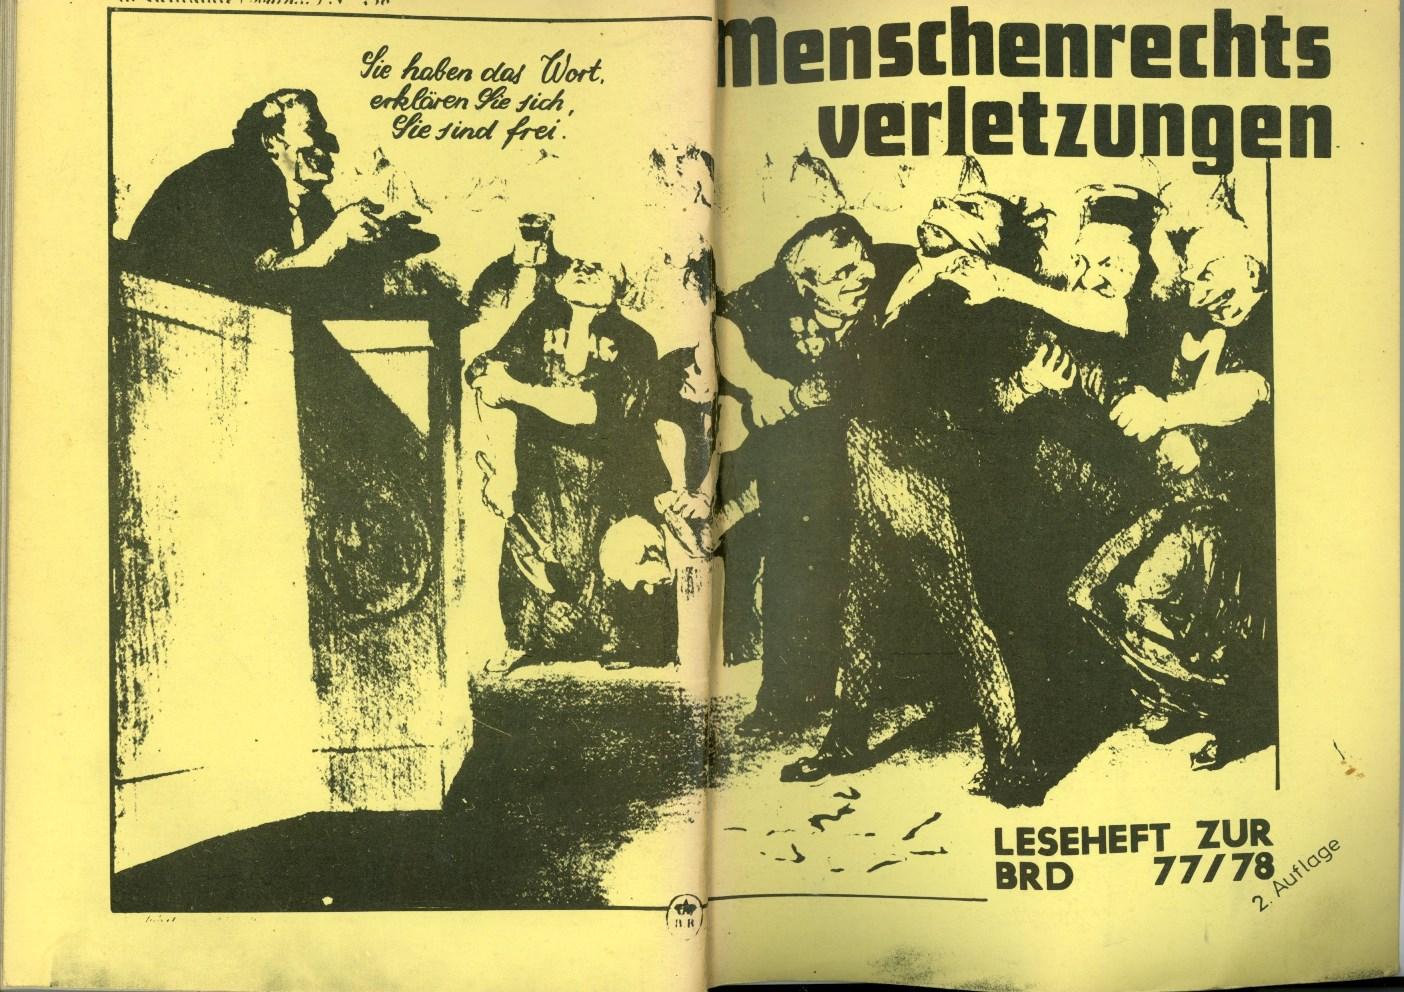 Stuttgart_AGRT_Menschenrechtsverletzungen_Leseheft_1978_01